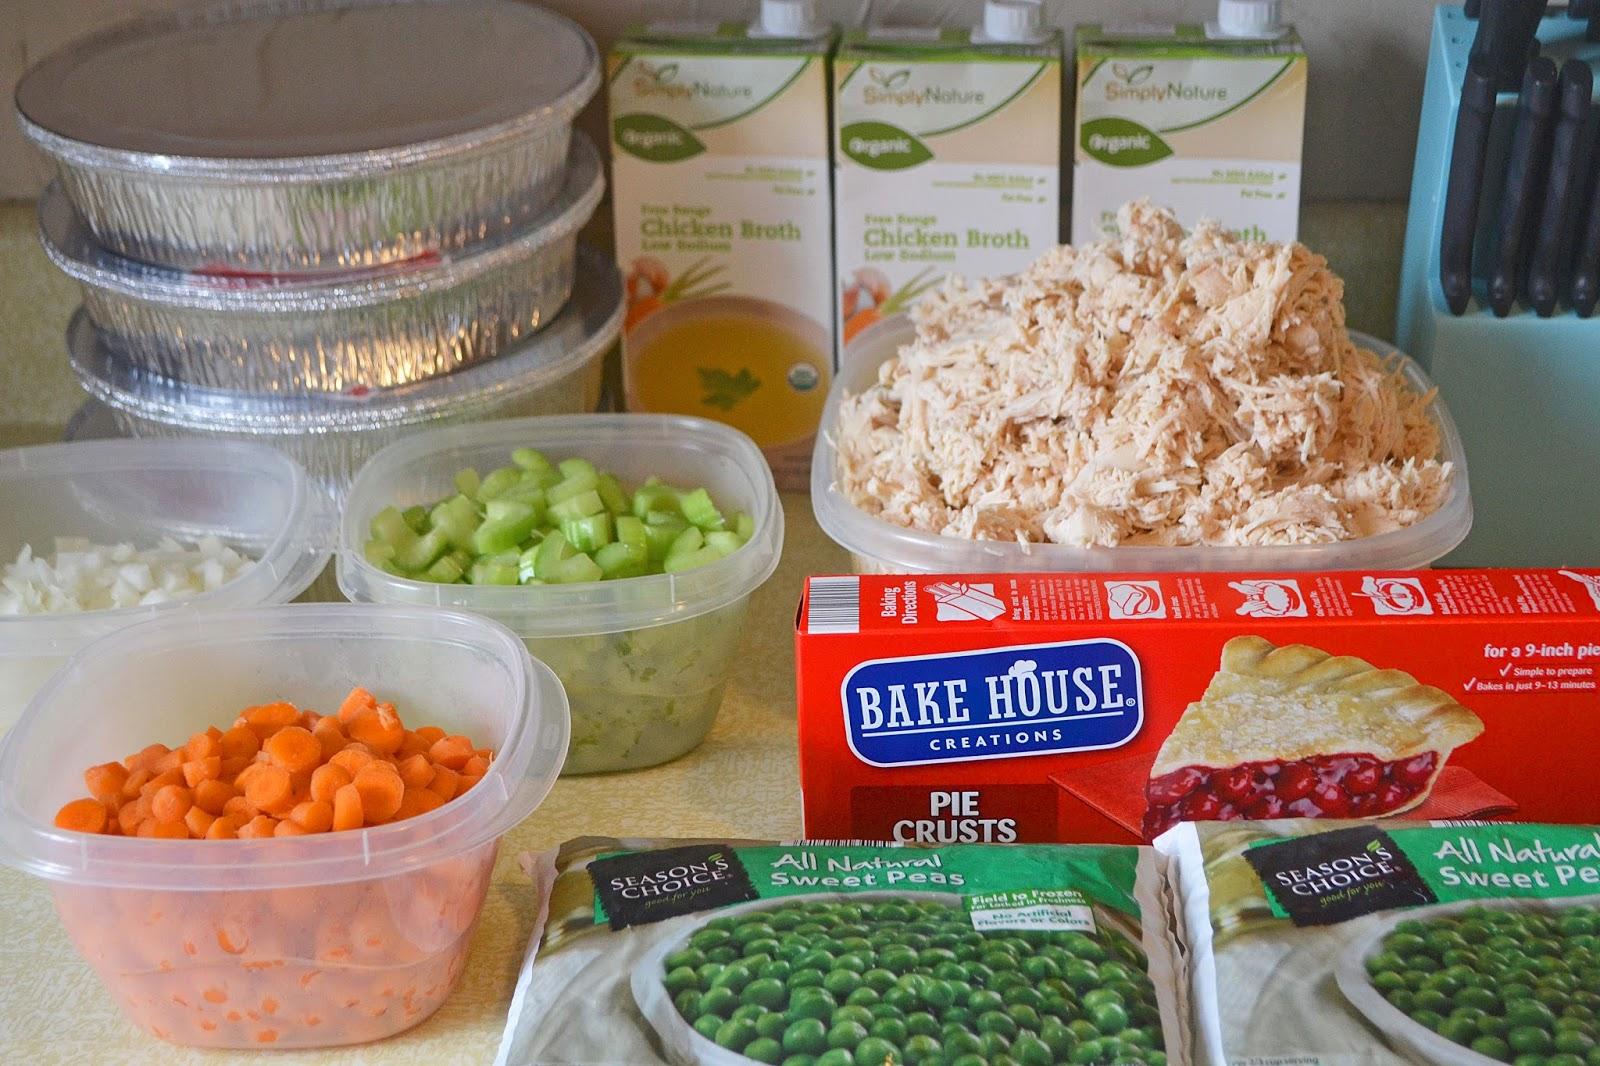 #chickenpotpie #chicken #lowcalorie #healthy #recipe #IIFYM #macros #freezermeal #casserole